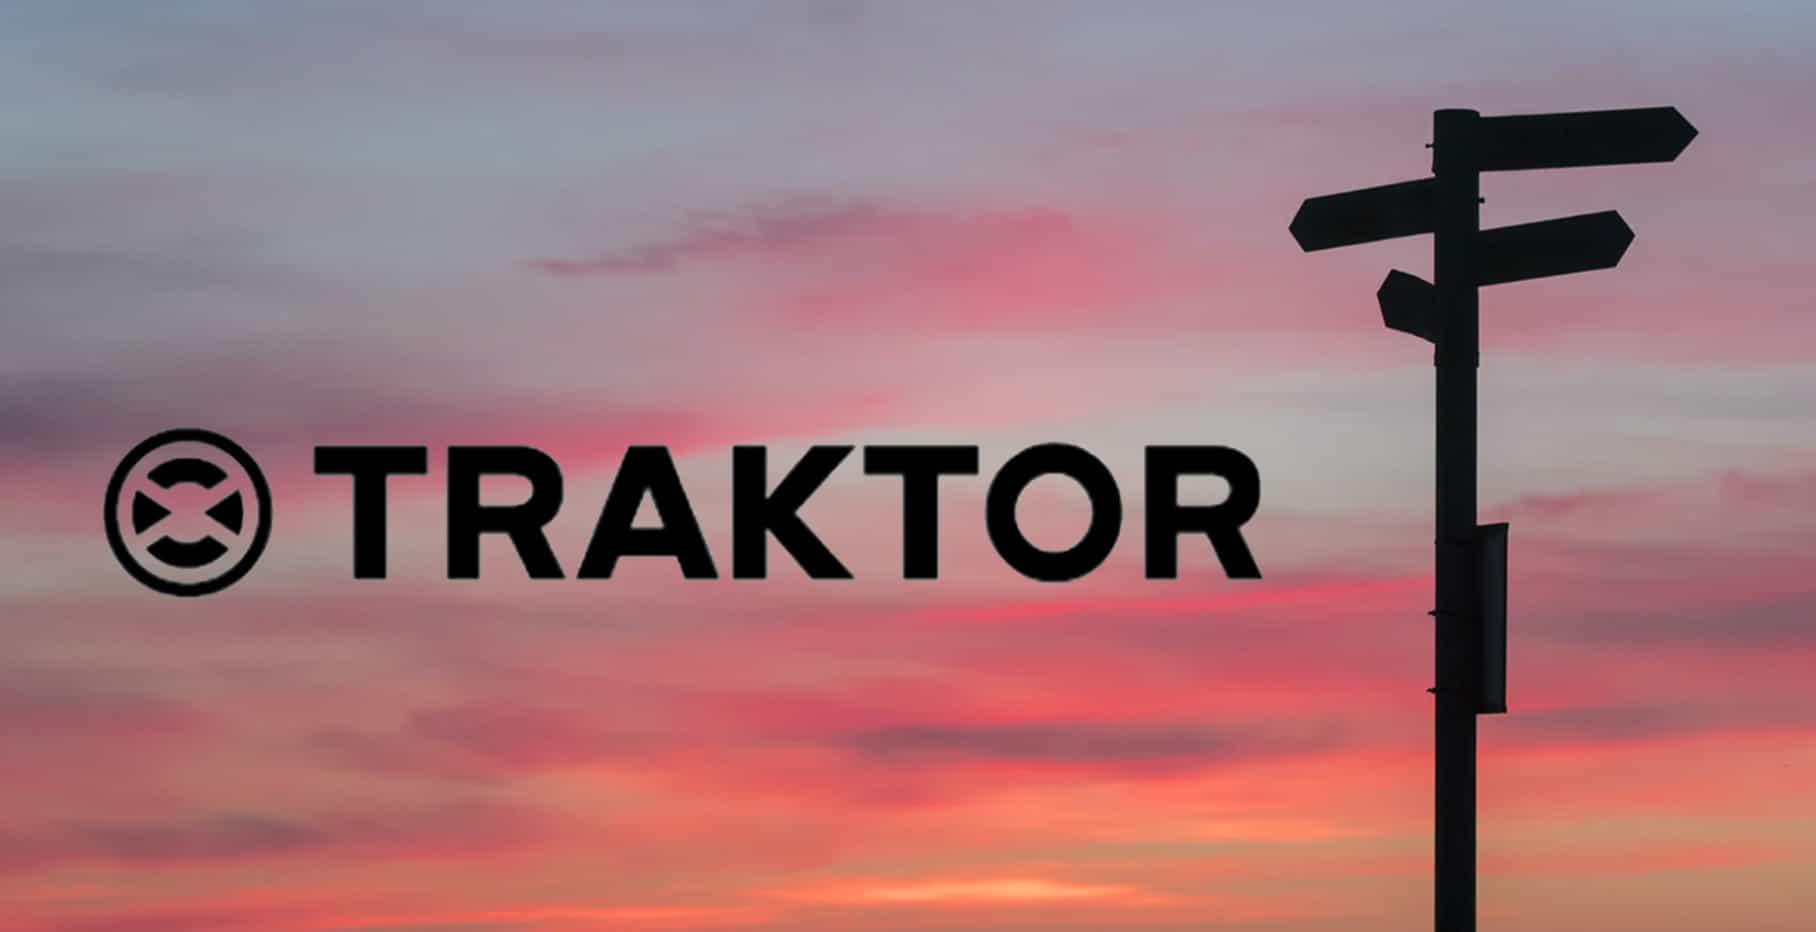 La mayoría de las acciones de Native Instruments se vendieron. ¿Qué podría significar eso para Traktor? 8